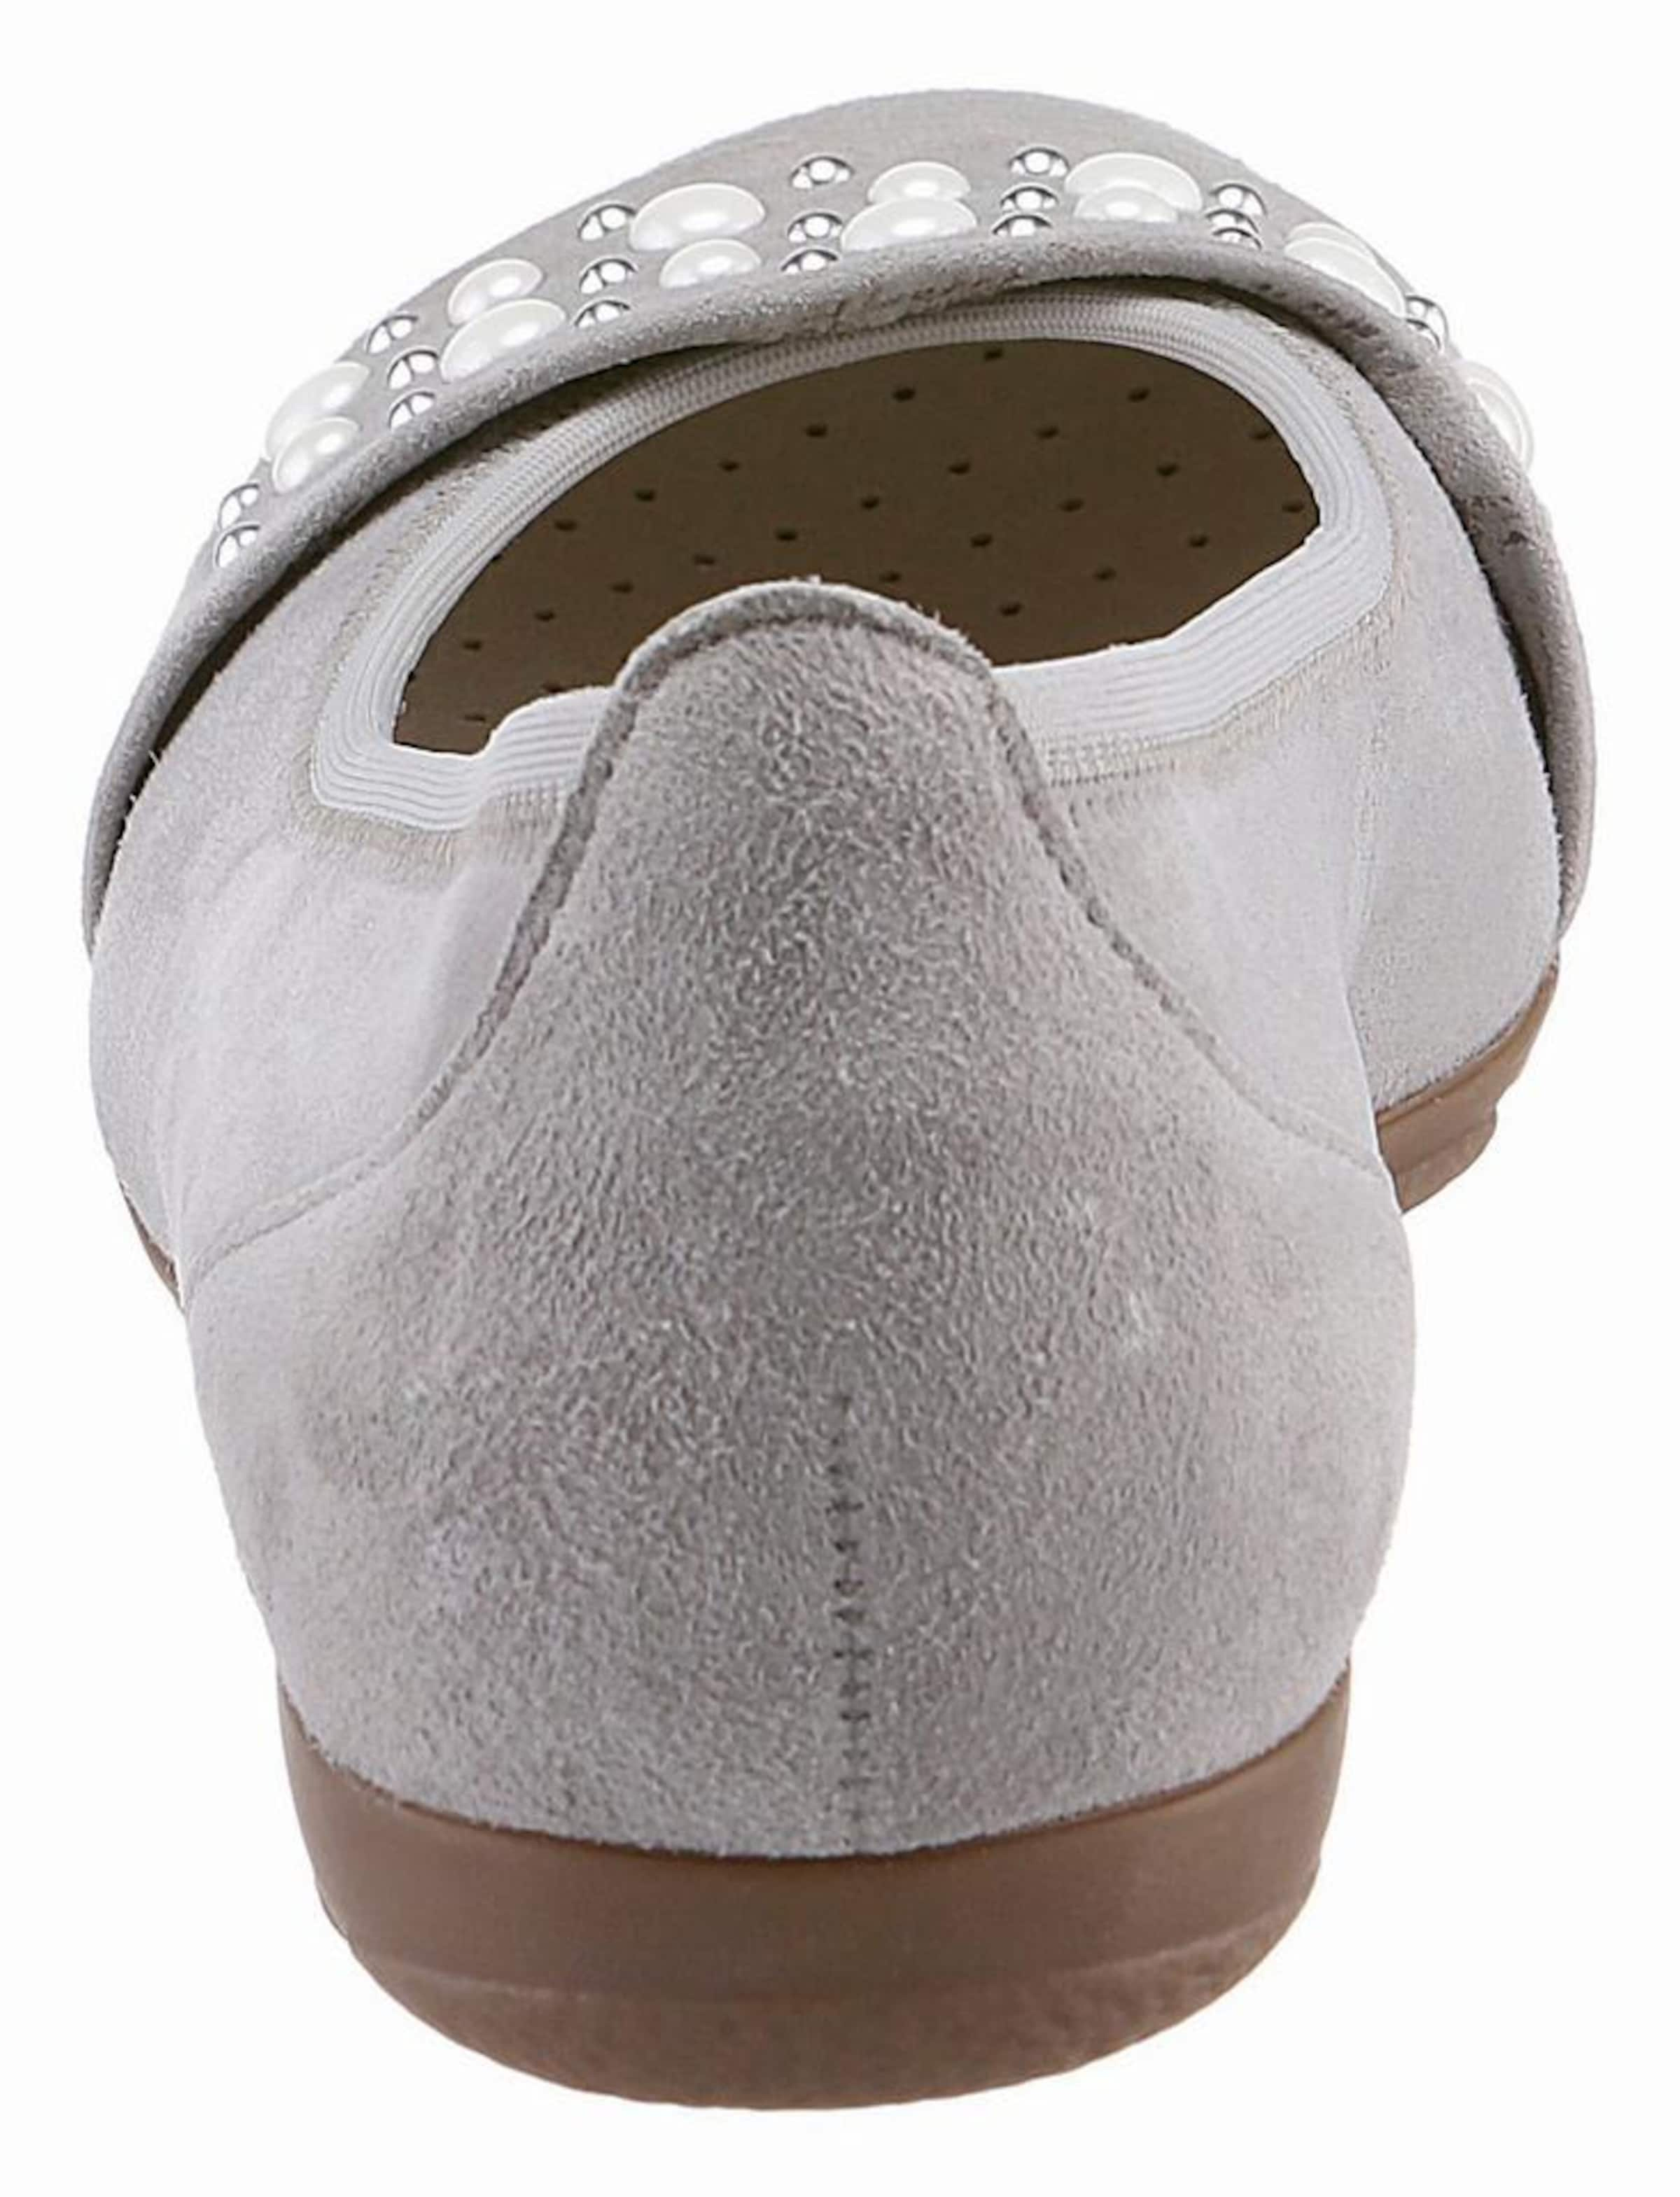 GABOR Ballerina Verkauf 100% Authentisch Austrittsspeicherstellen 35HqXg